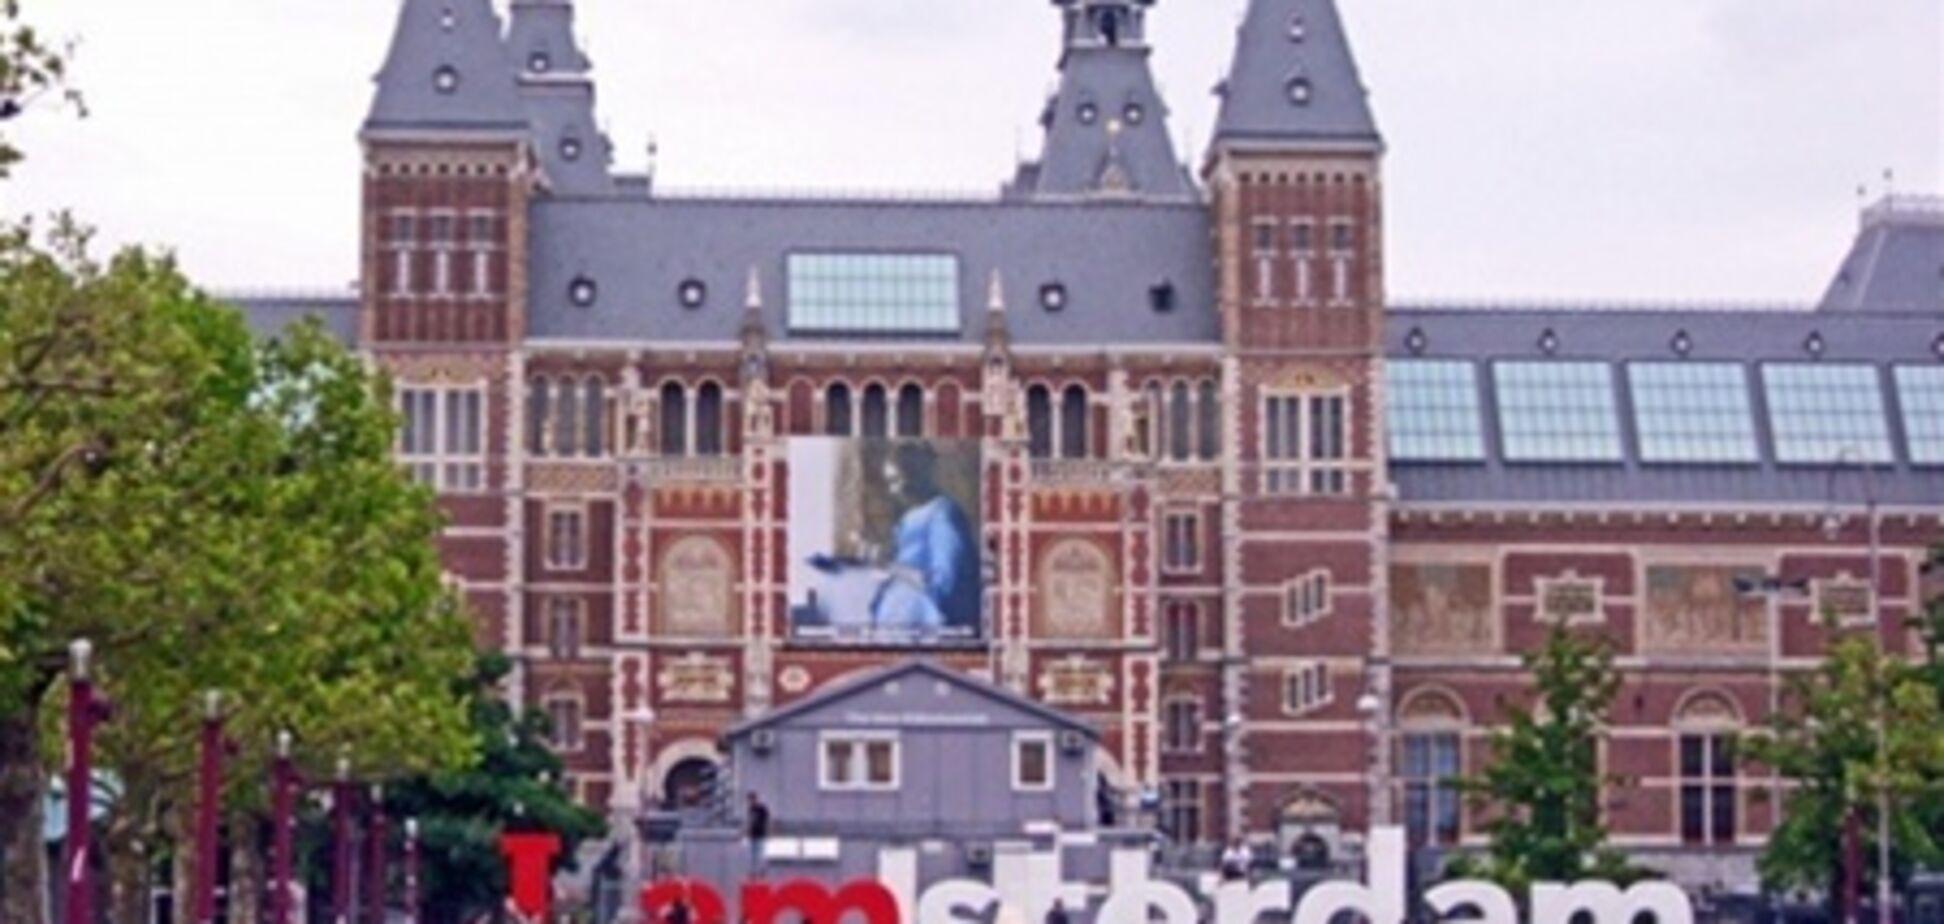 Зарубежные инвесторы 'подняли' цены на жилье в Амстердаме